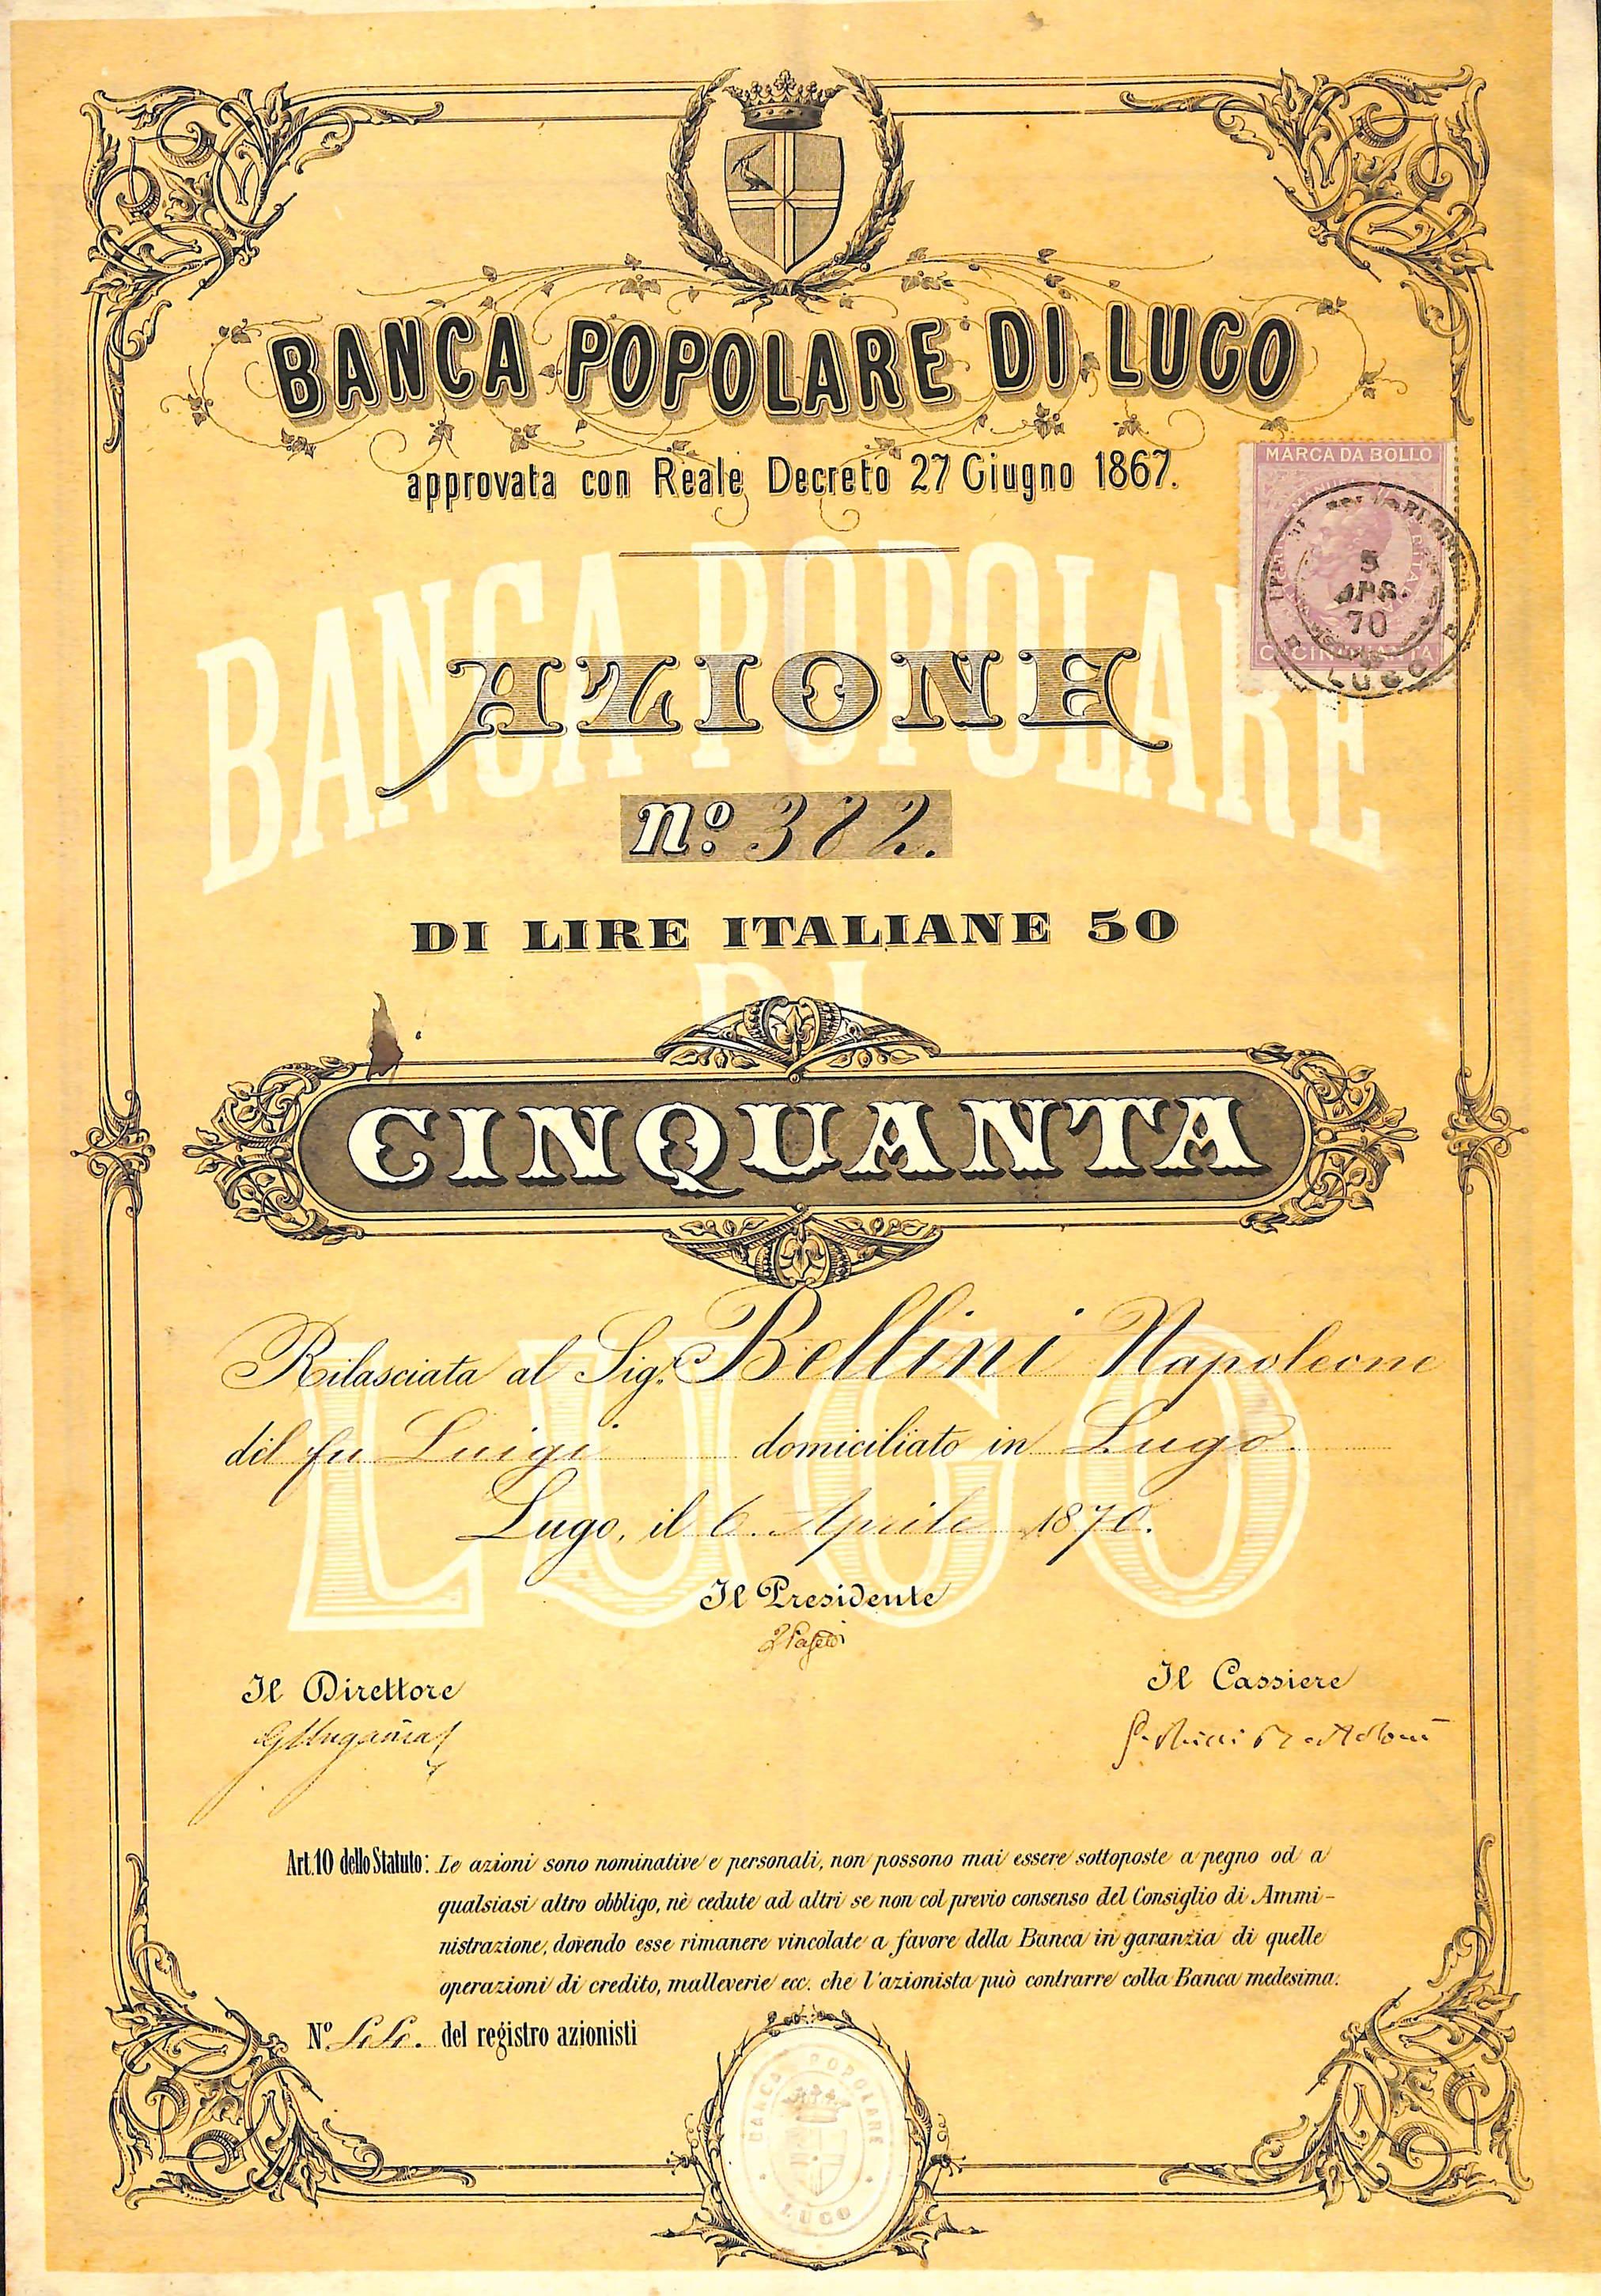 1870-banca-popolare-di-lugo-2